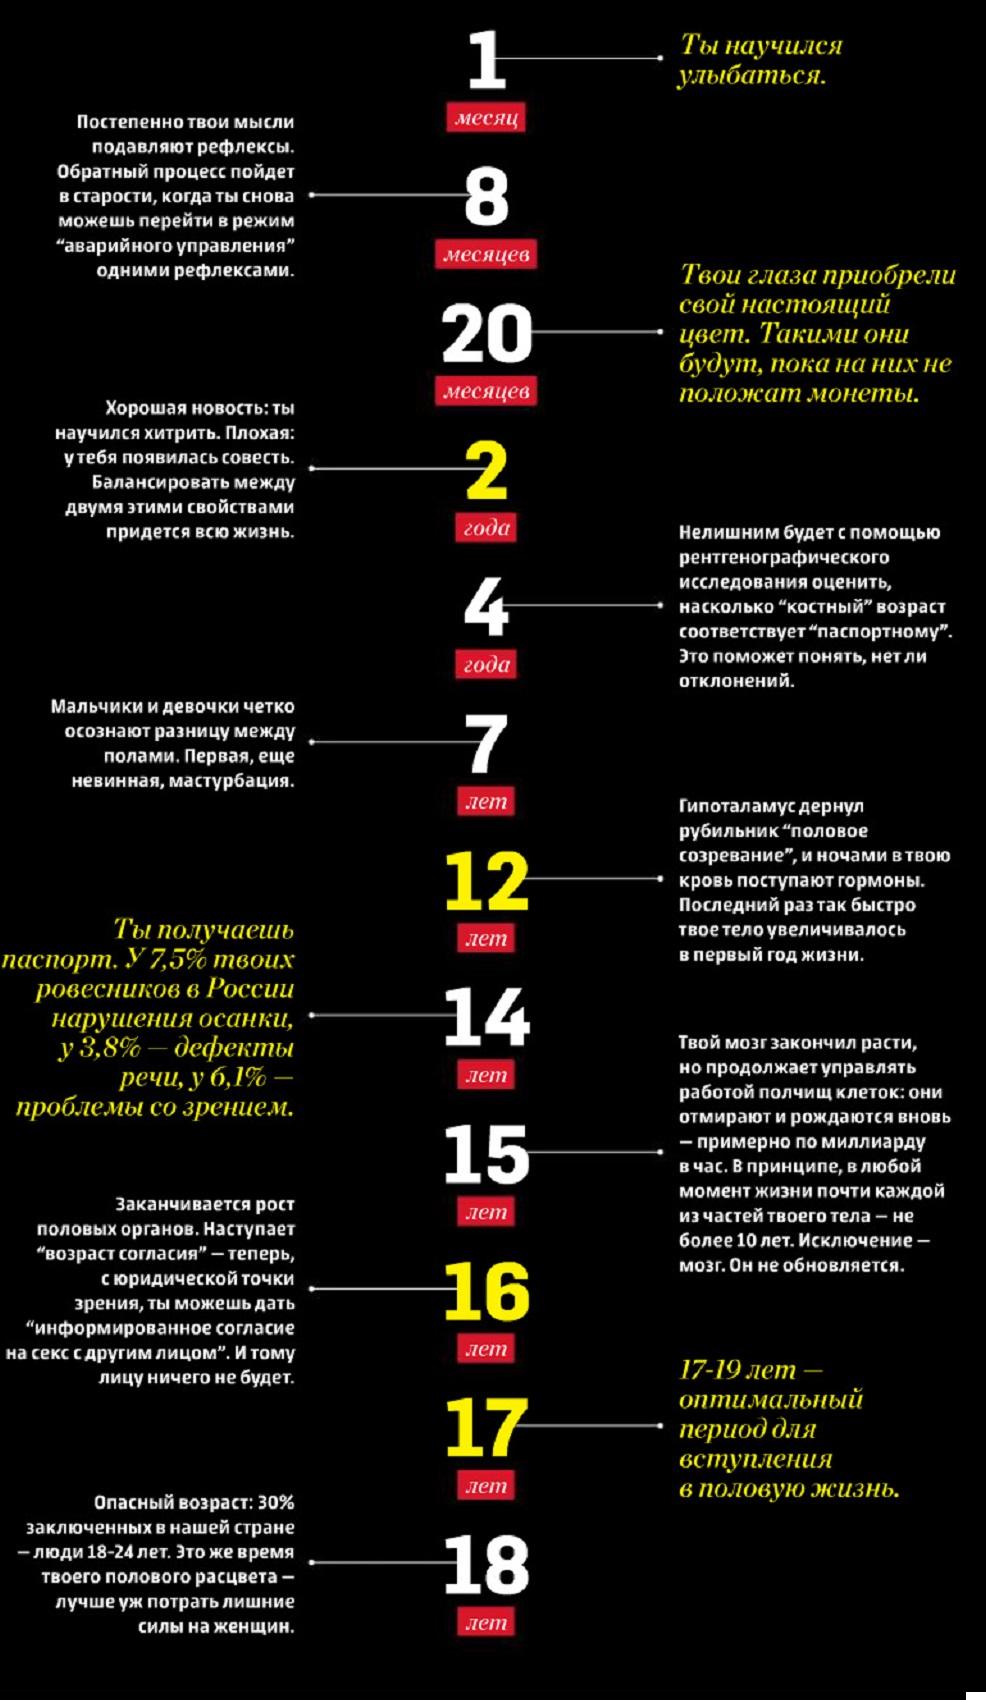 10 интересных фактов о теле 61388_2